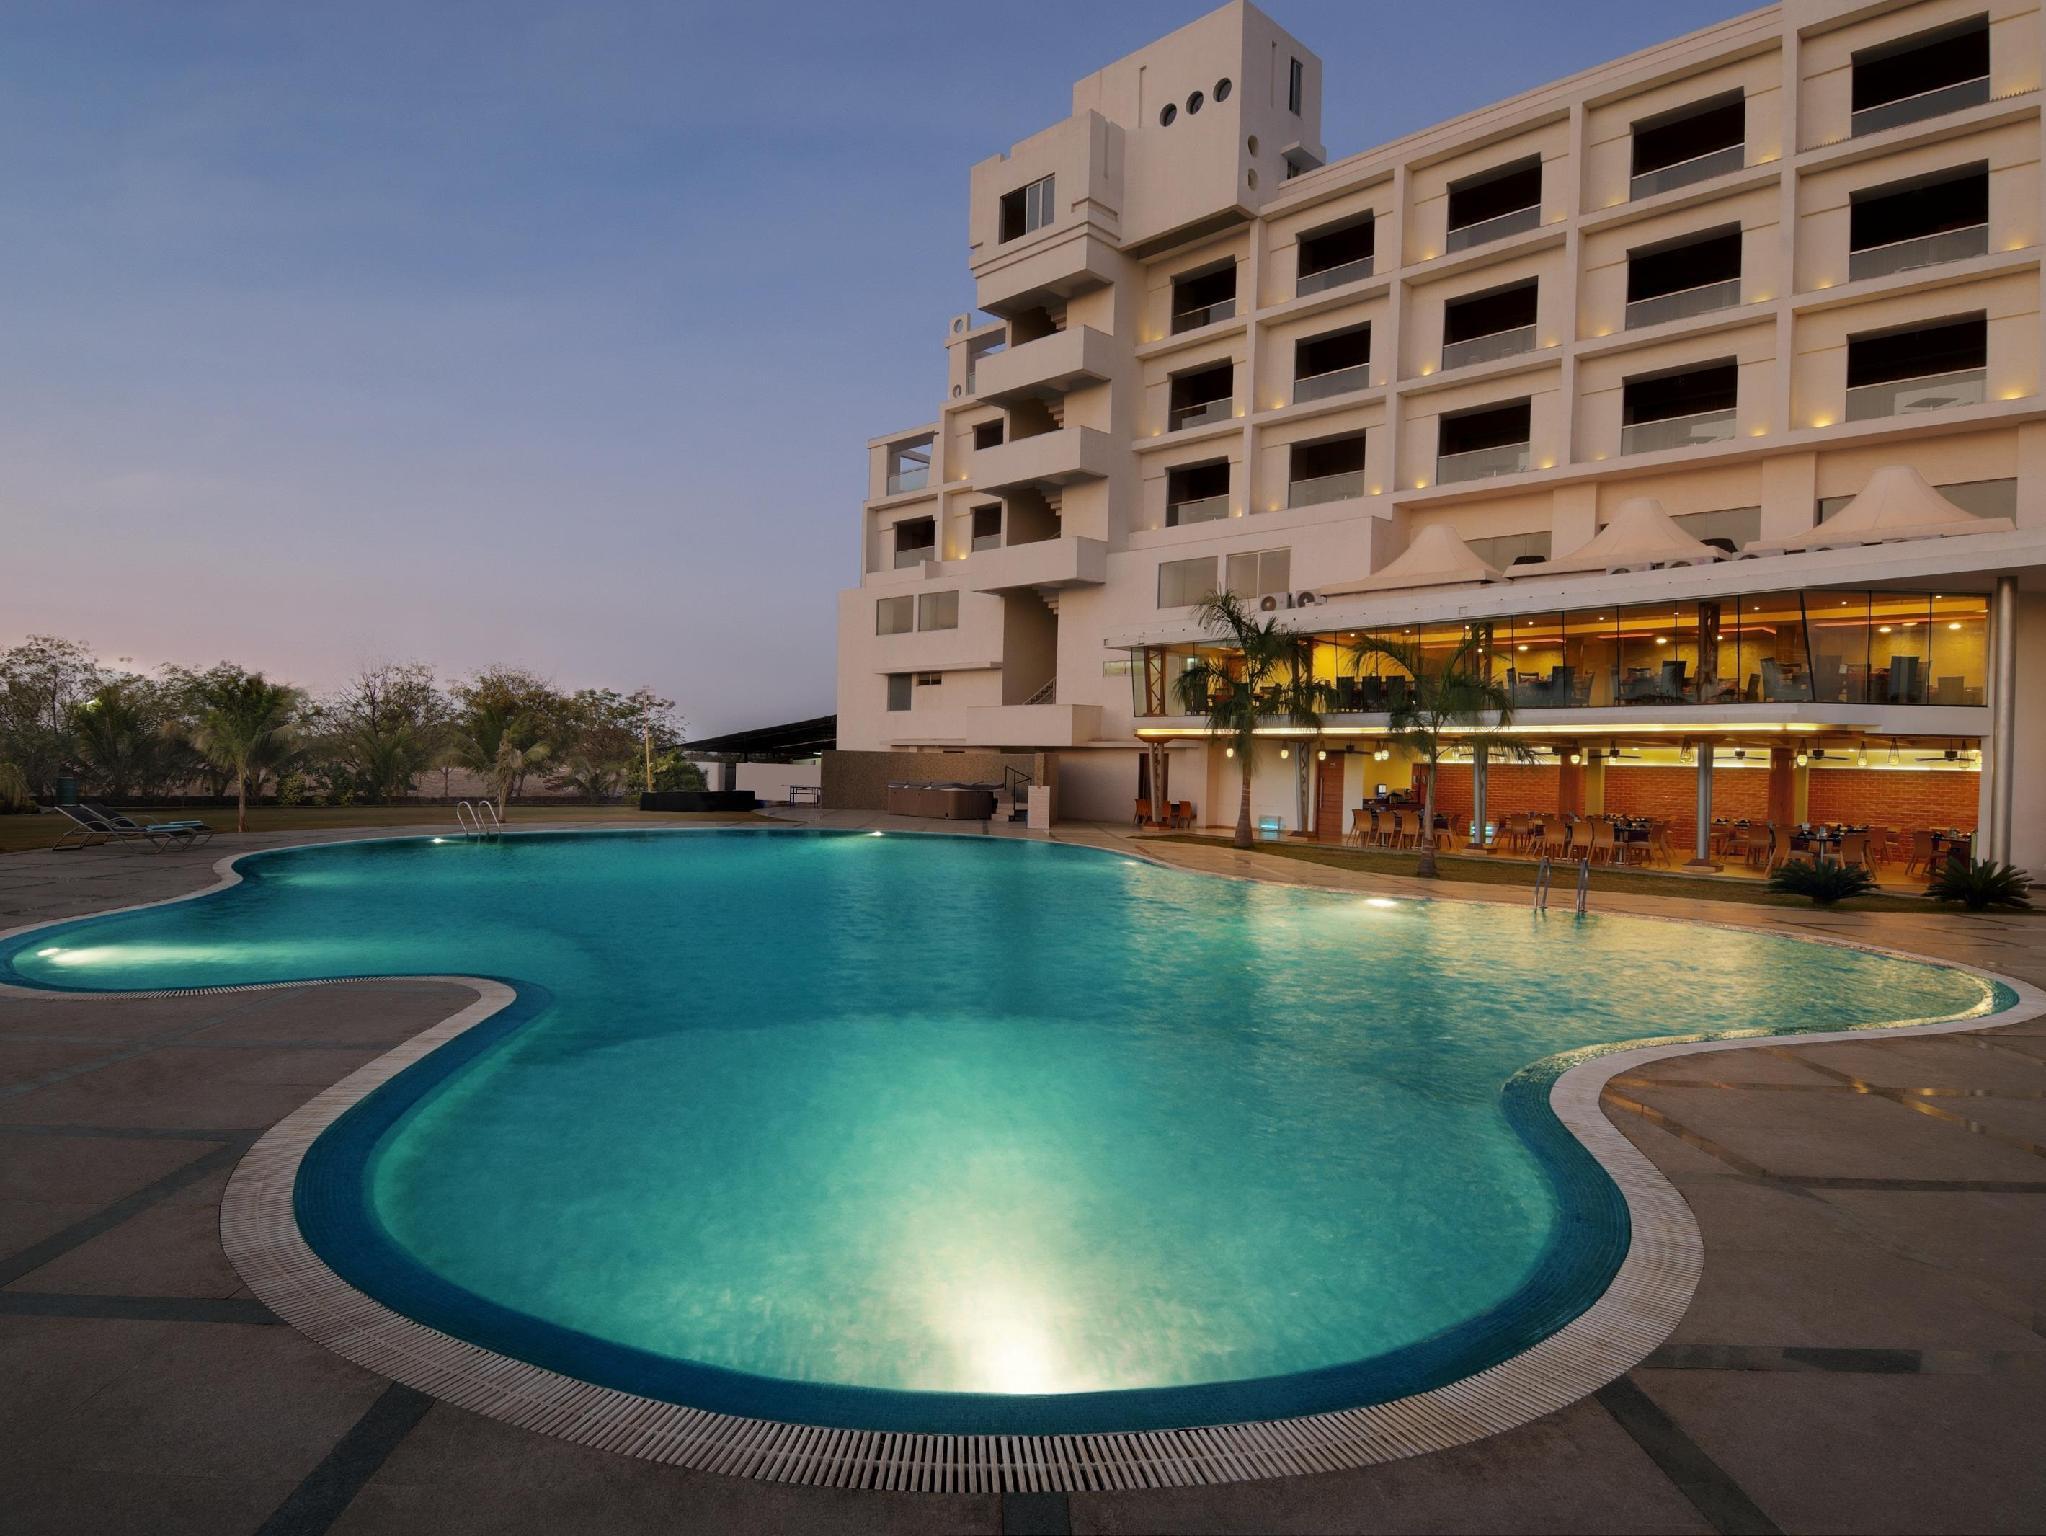 Seasons Hotel Rajkot